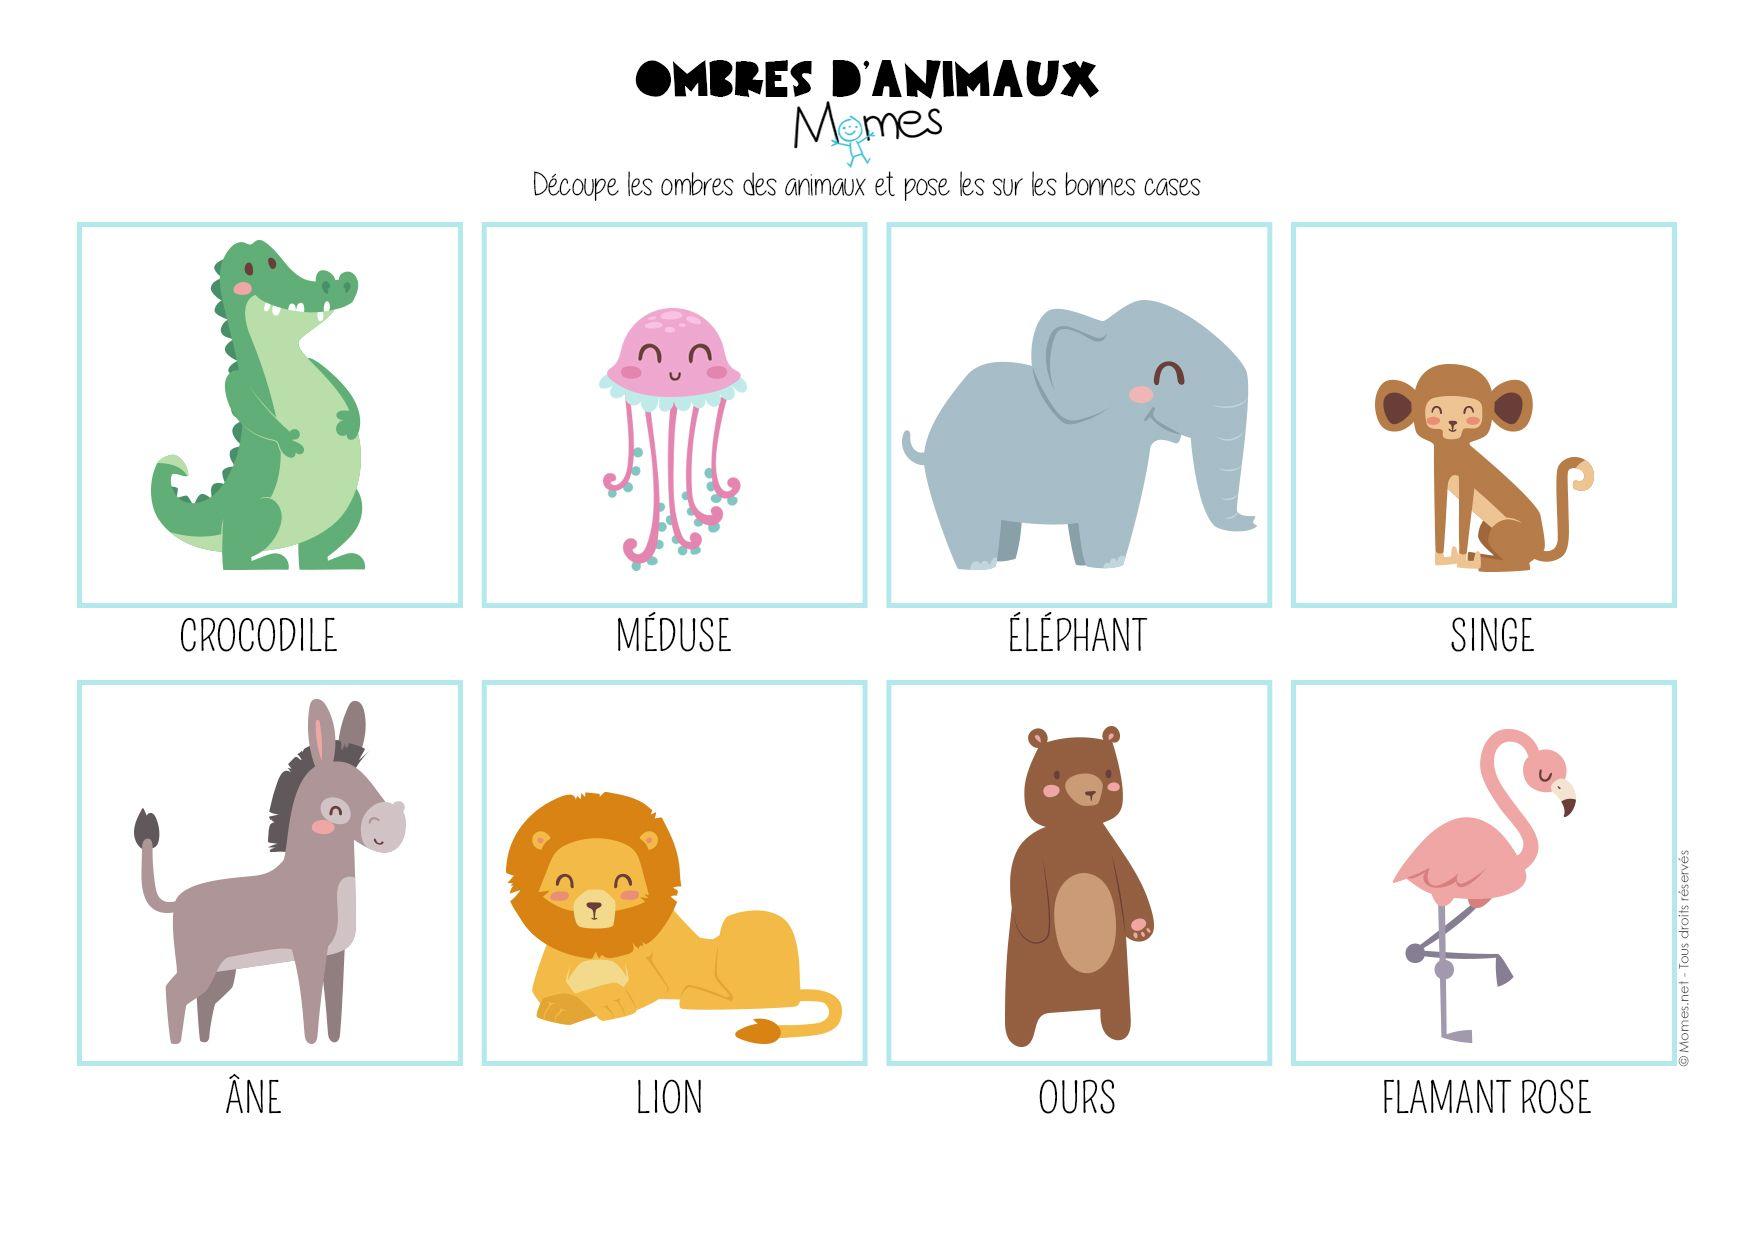 Le jeu des ombres d'animaux Animaux Jeux de société